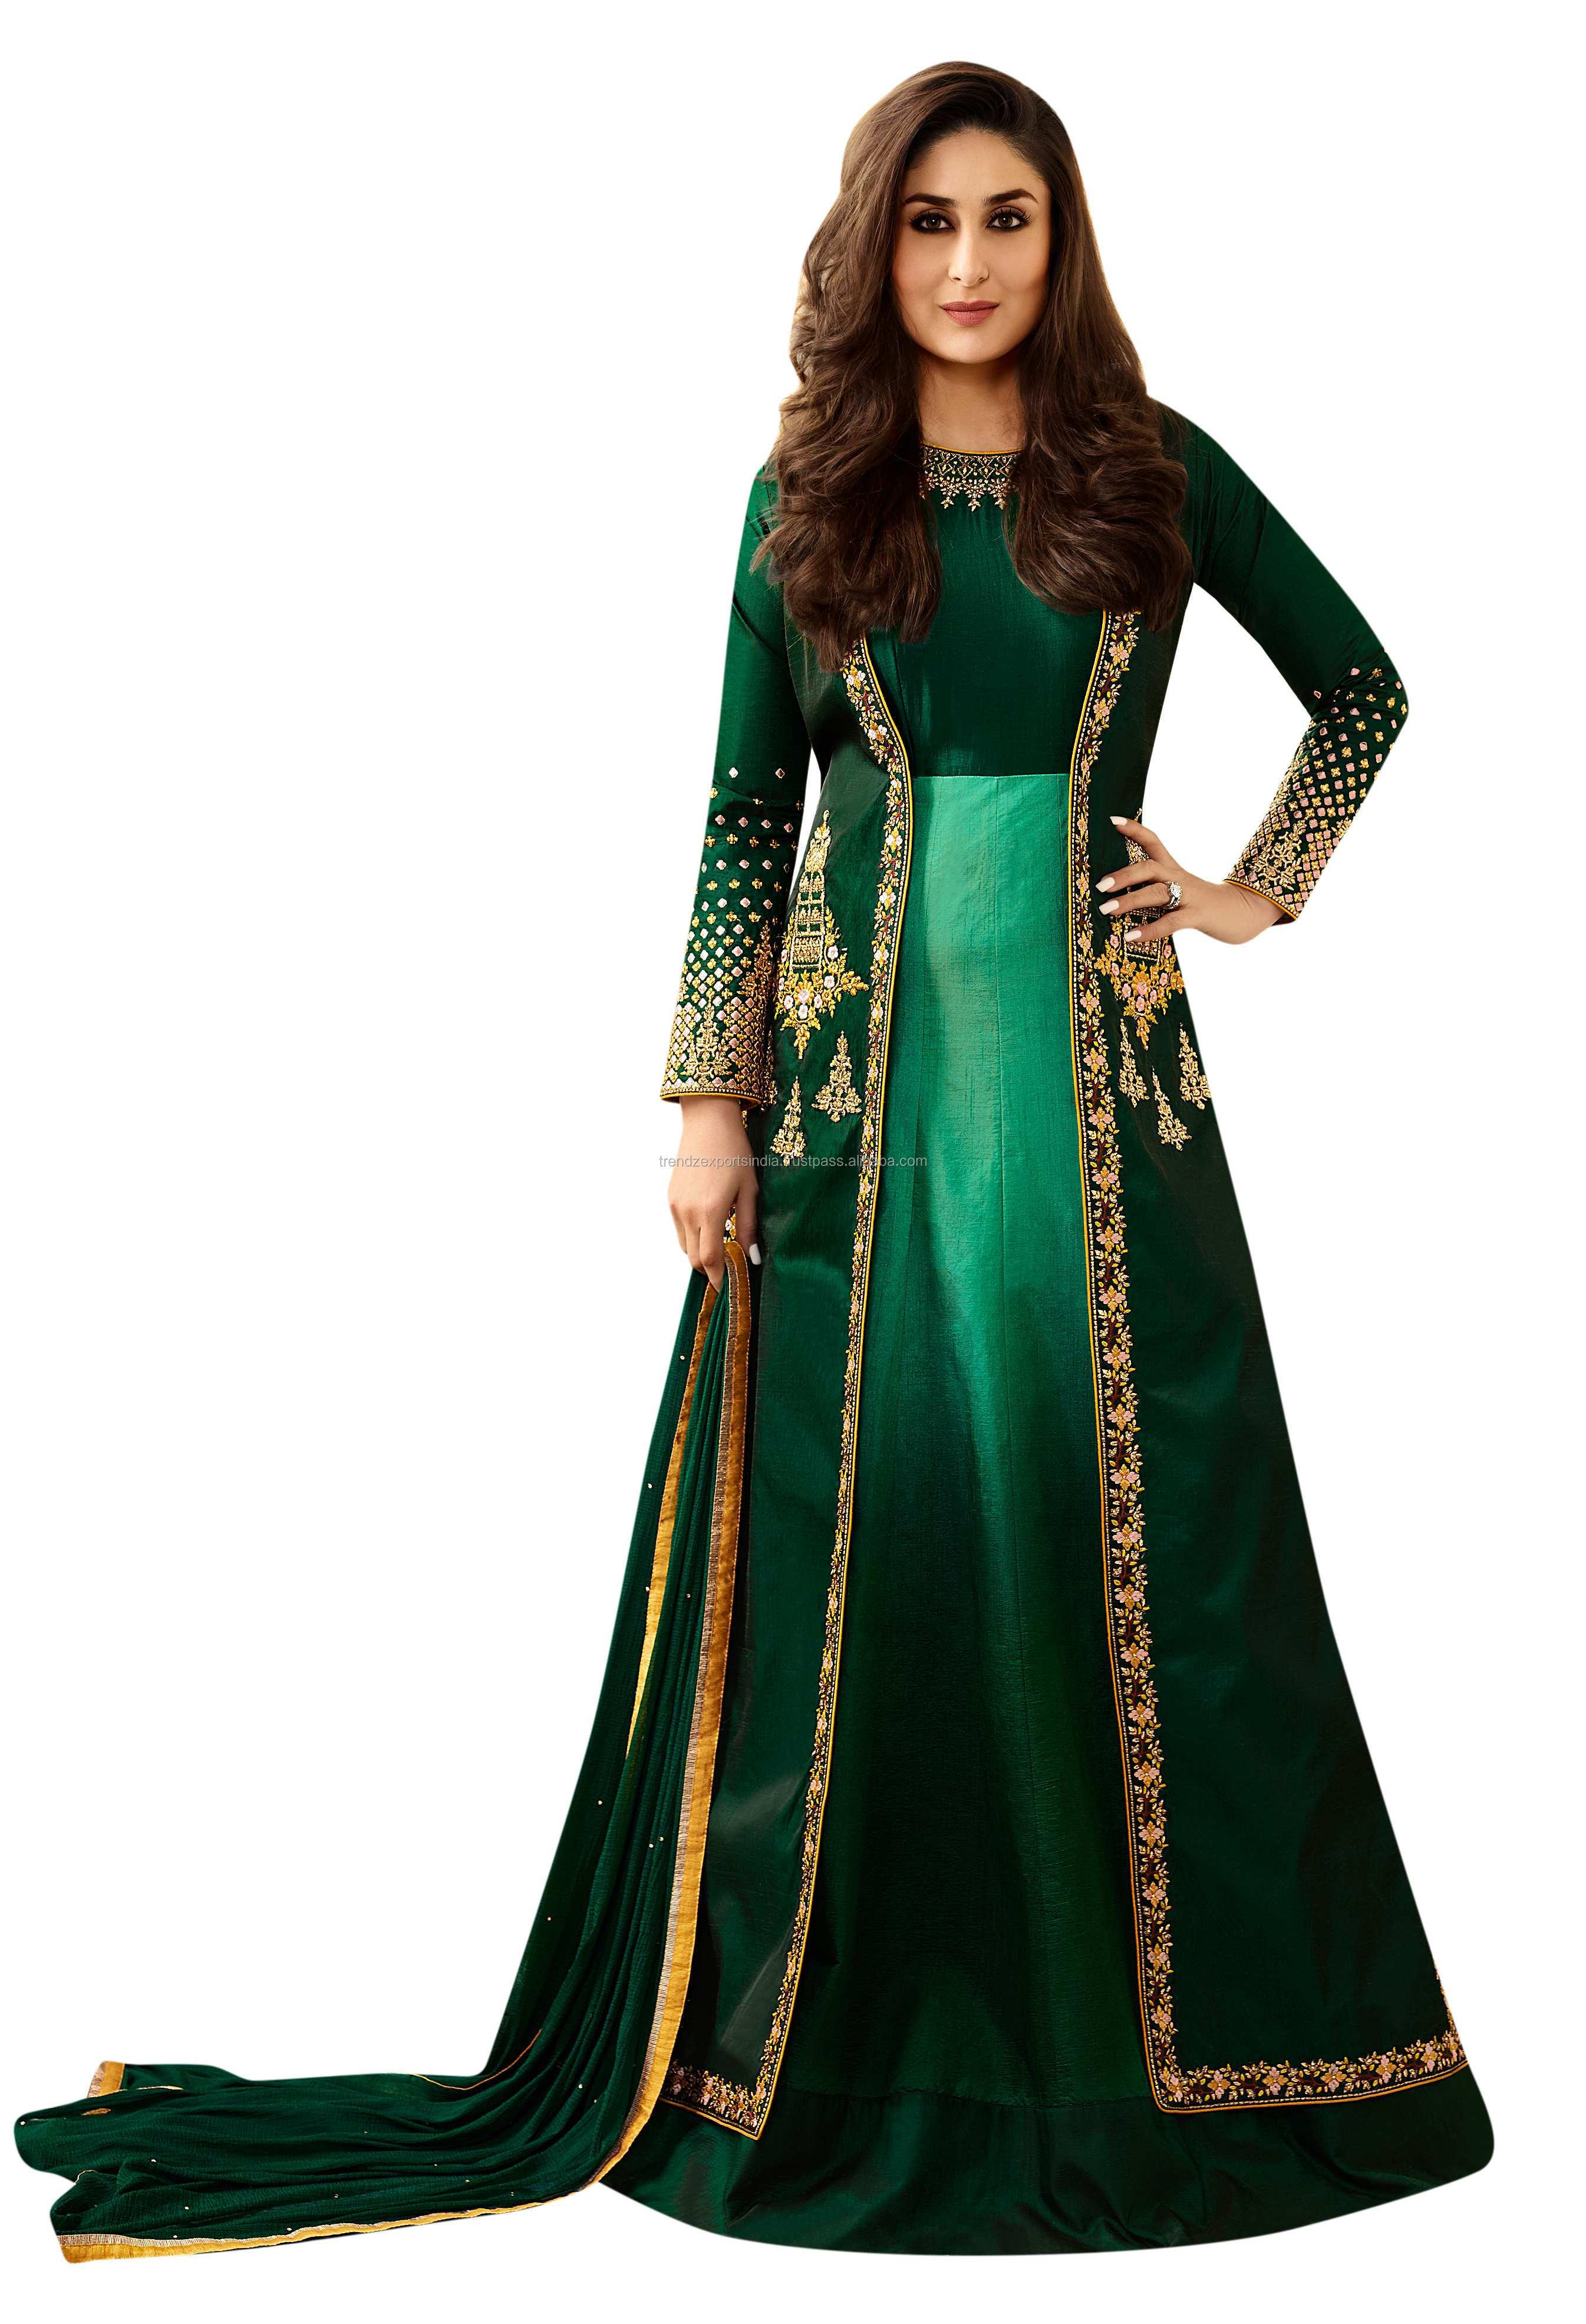 Son tasarım Anarkali elbise kız hindistan